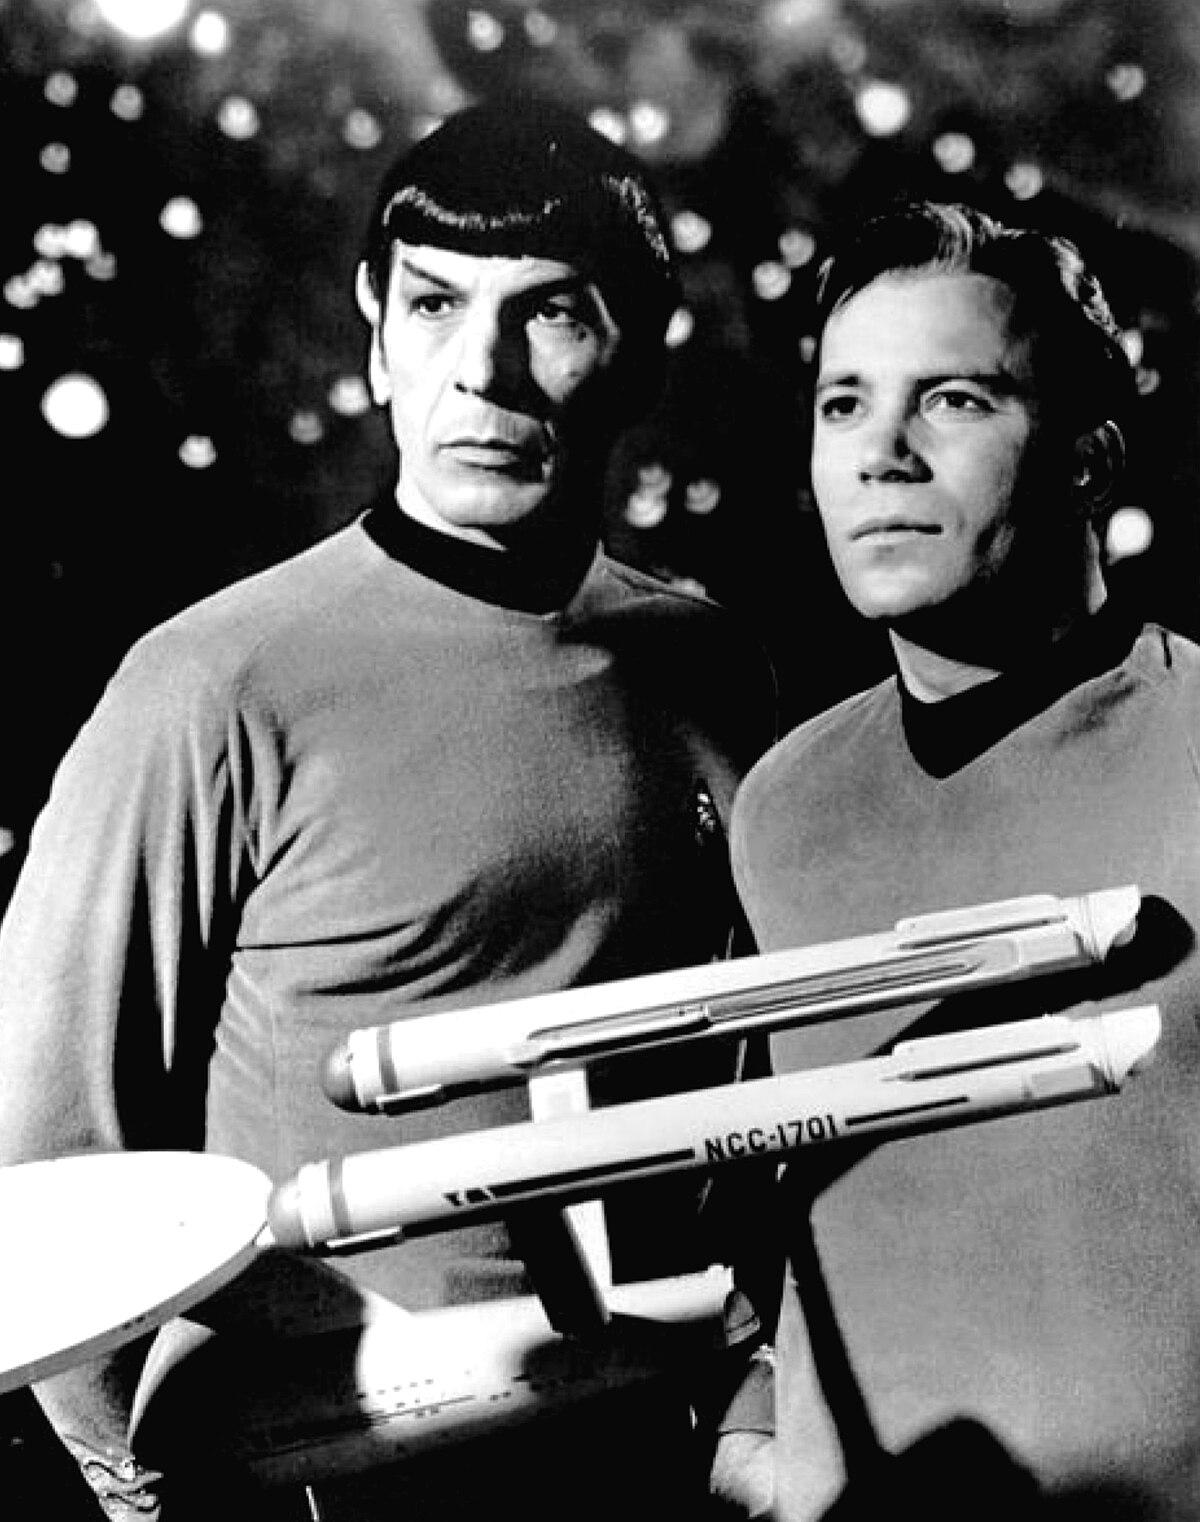 spock star trek wikip dia. Black Bedroom Furniture Sets. Home Design Ideas